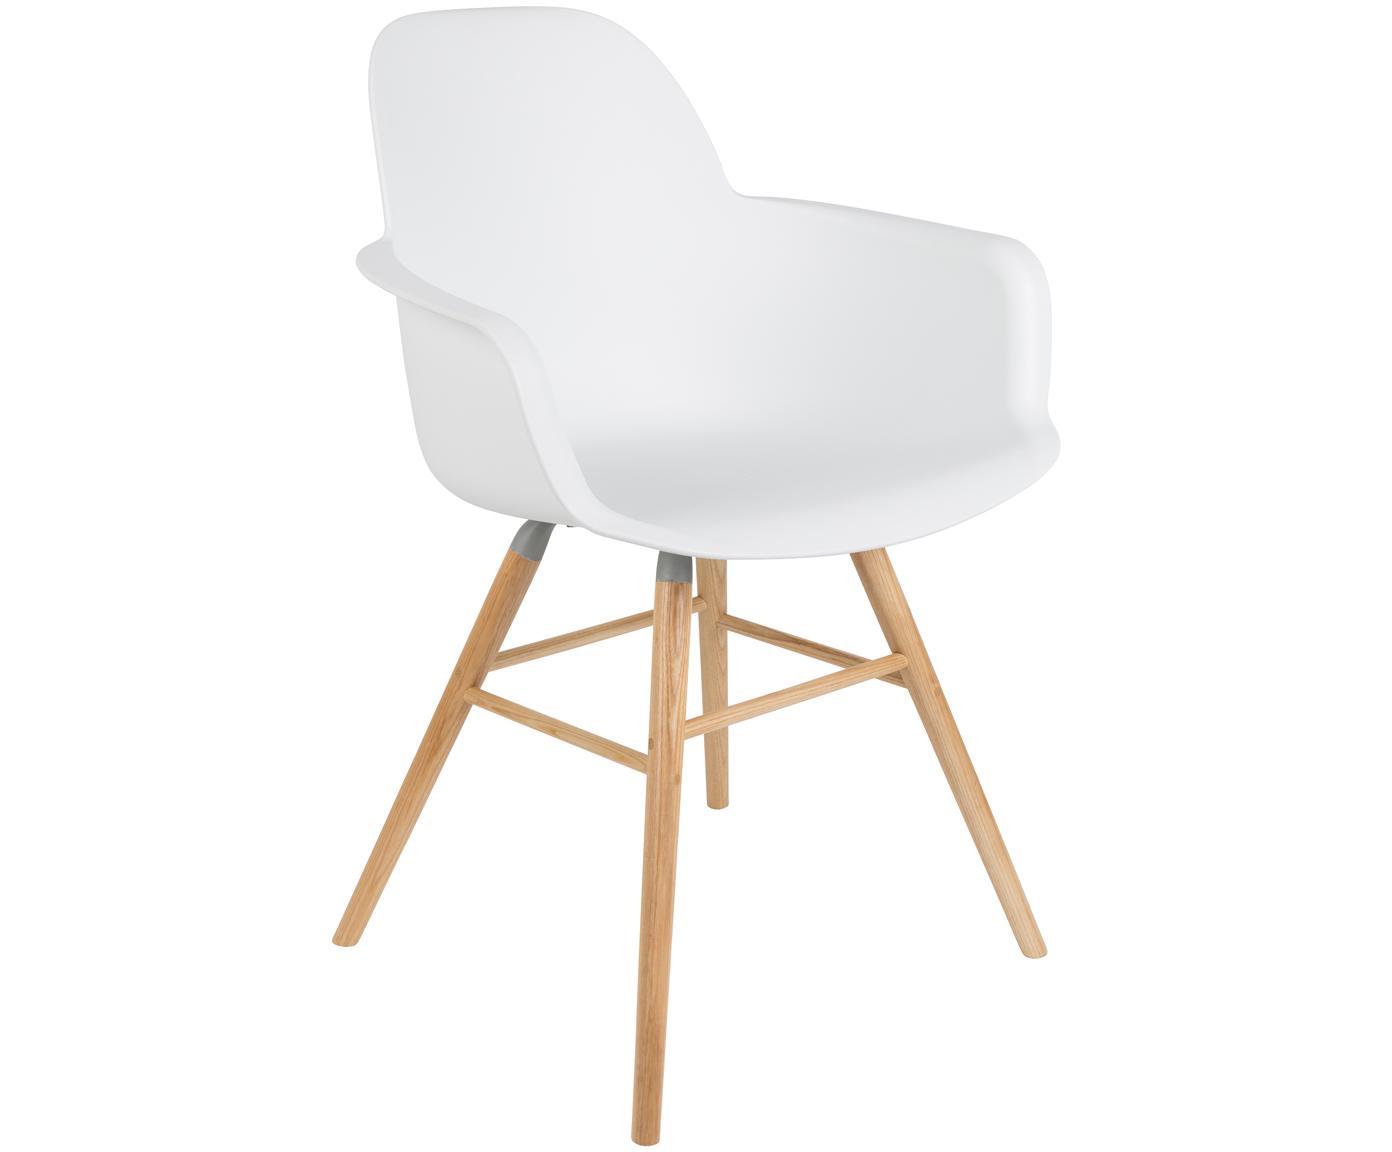 Silla con reposabrazos Albert Kuip, Asiento: 100%polipropileno, Patas: madera de fresno, Blanco, An 59 x Al 82 cm